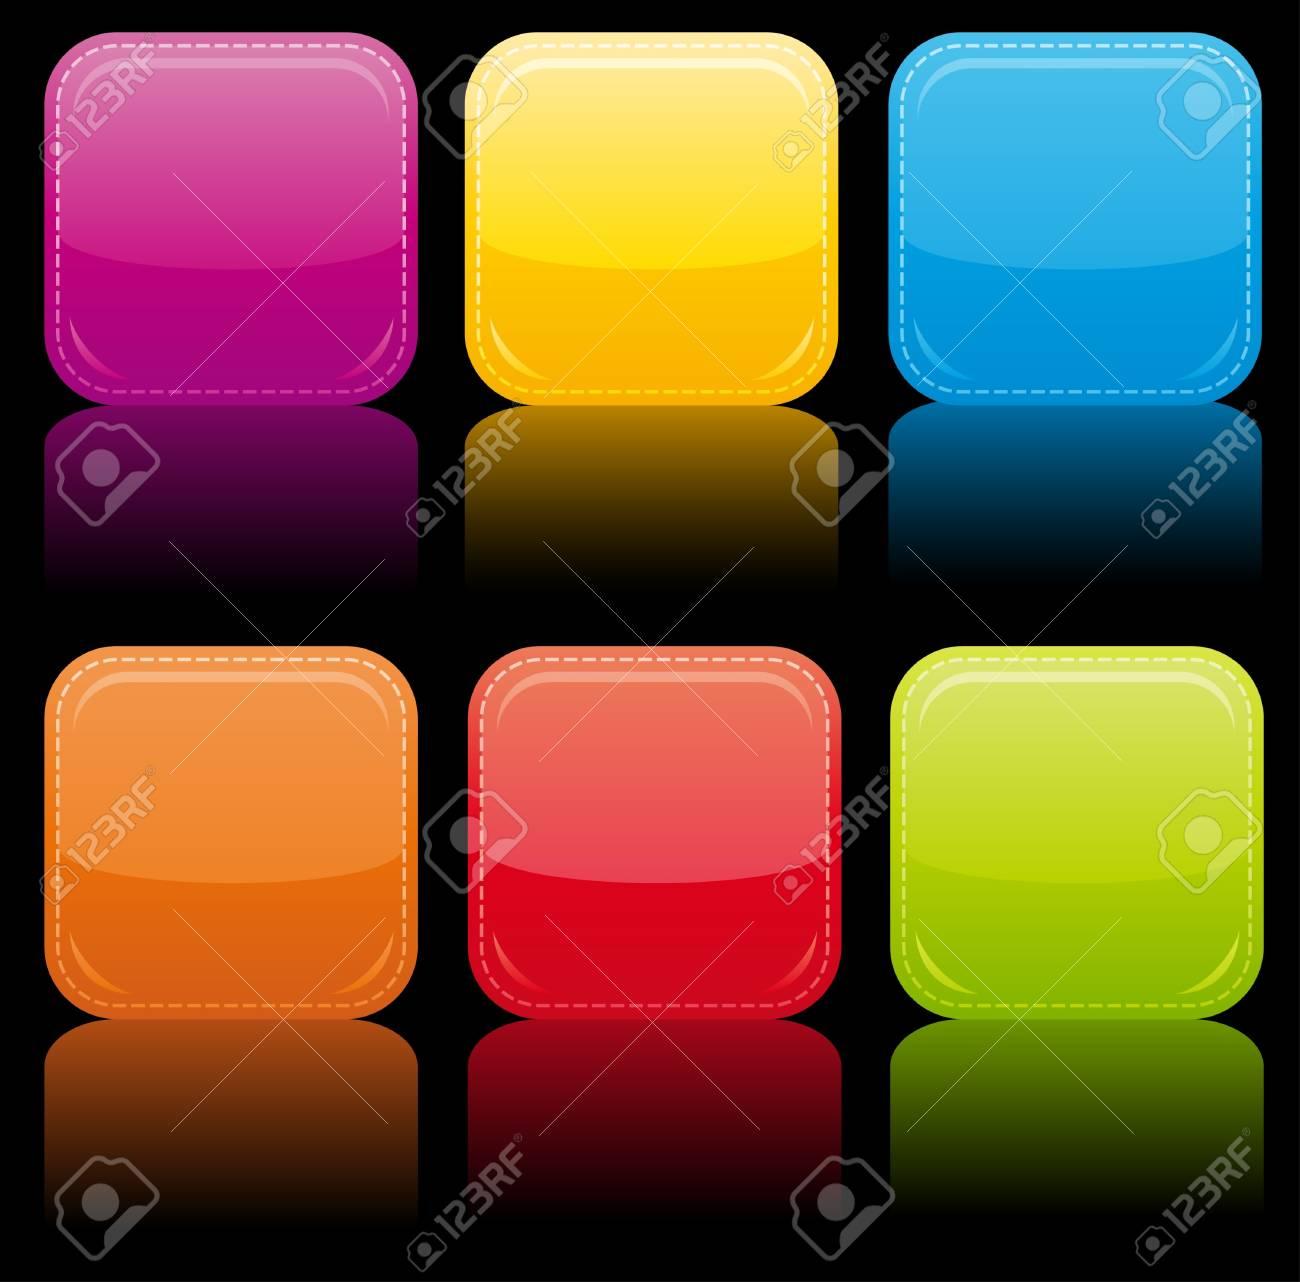 Beautiful glossy buttons. Stock Photo - 9714641